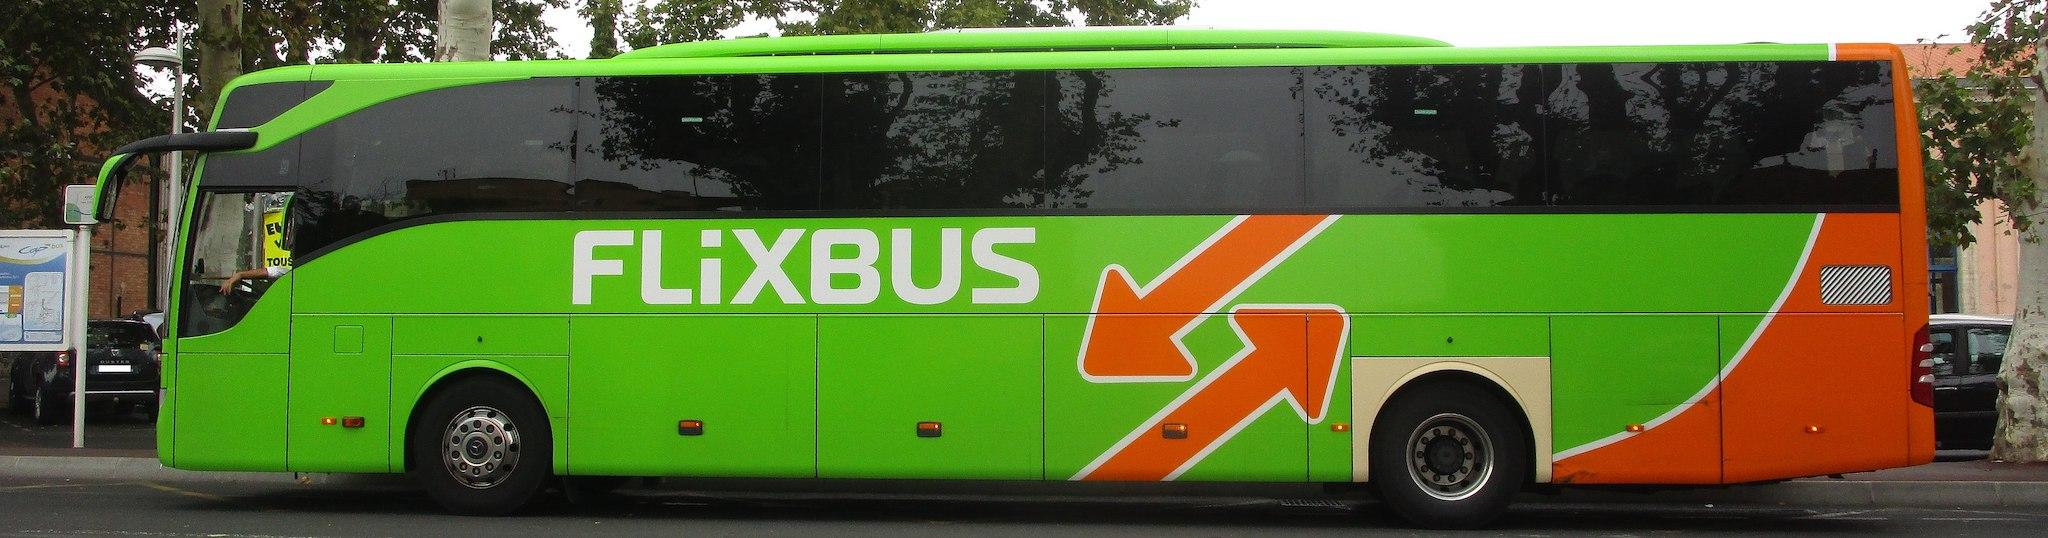 Groningen, Anreise, Mit dem Bus, Flixbus